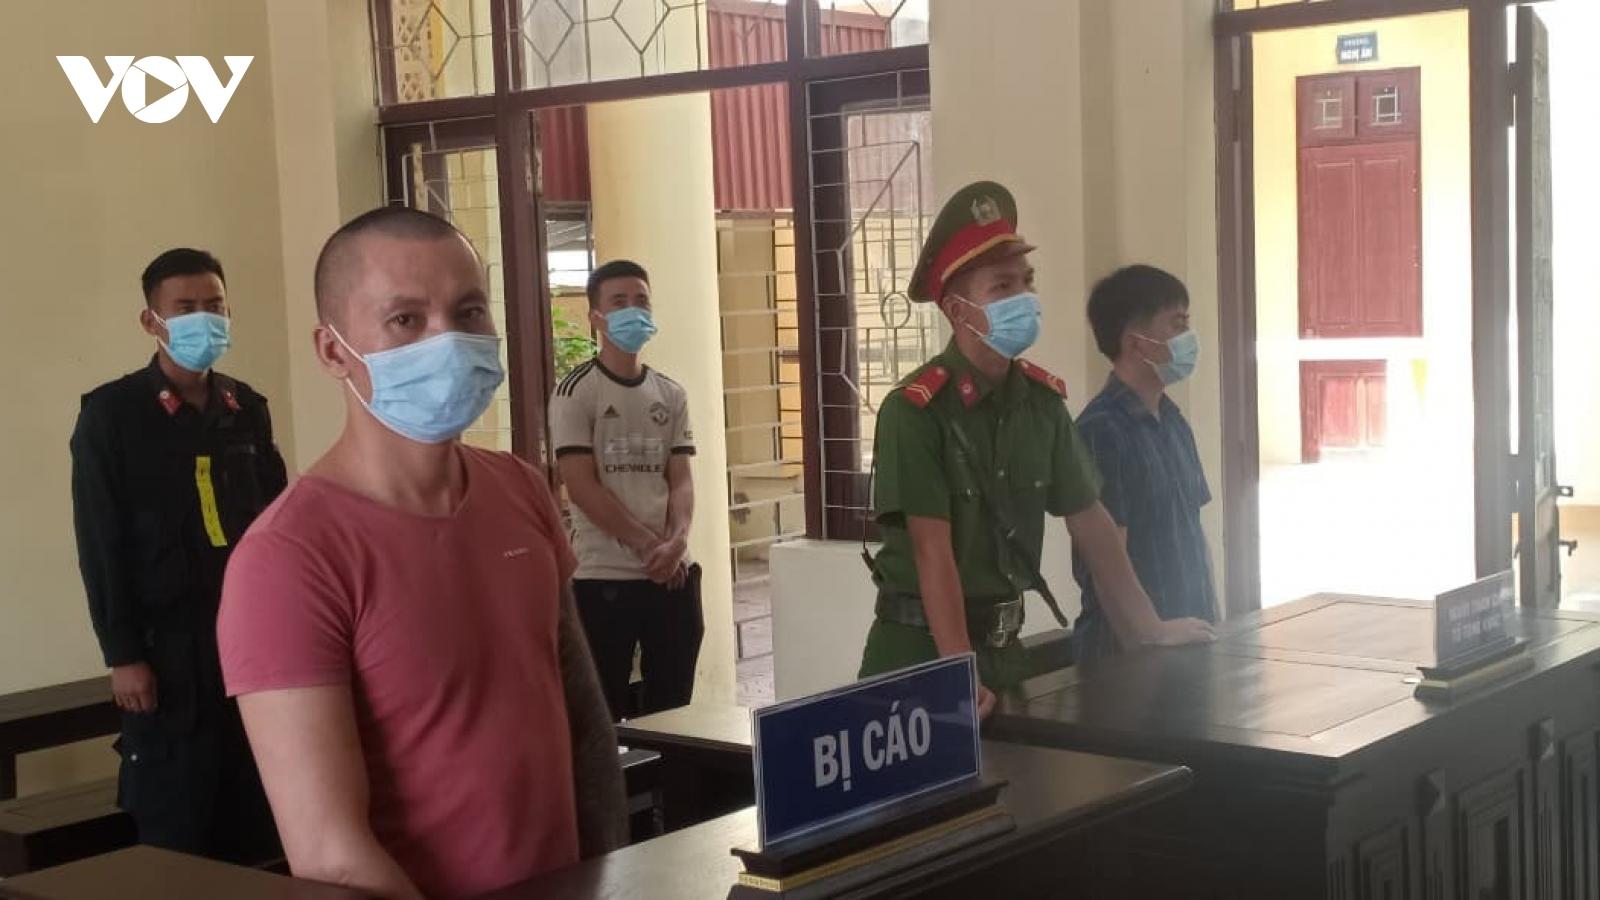 Lĩnh án tù vì đấm cán bộ, vượt chốt kiểm dịch ở Bắc Giang